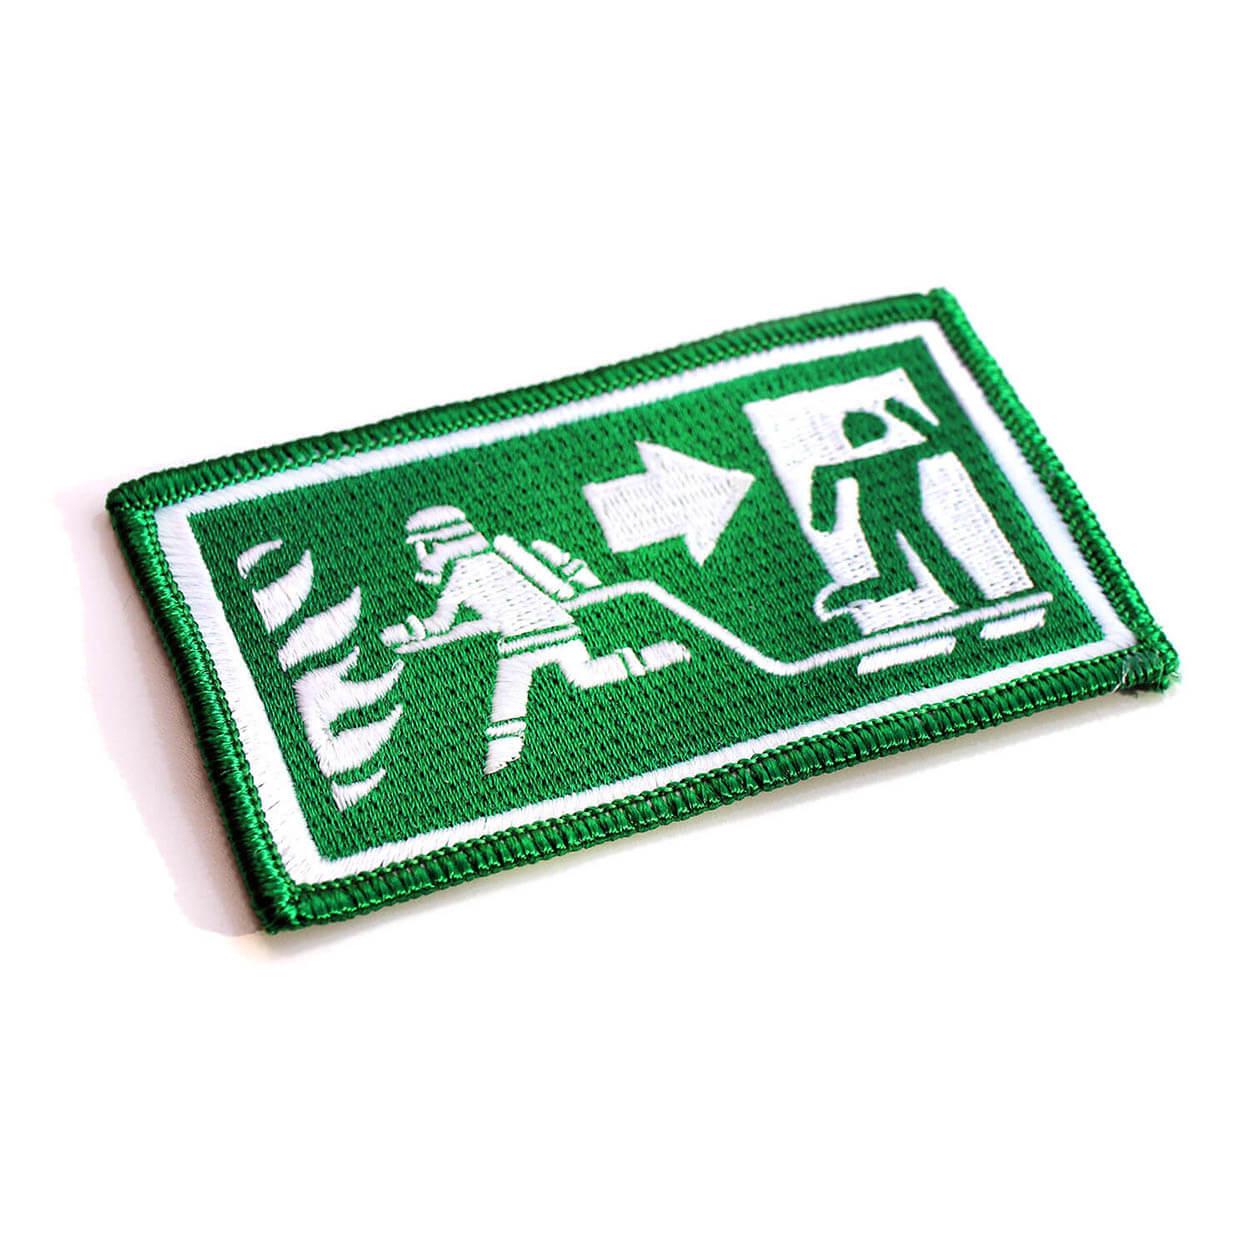 Dein Fluchtweg - Mein Arbeitsweg Emblem